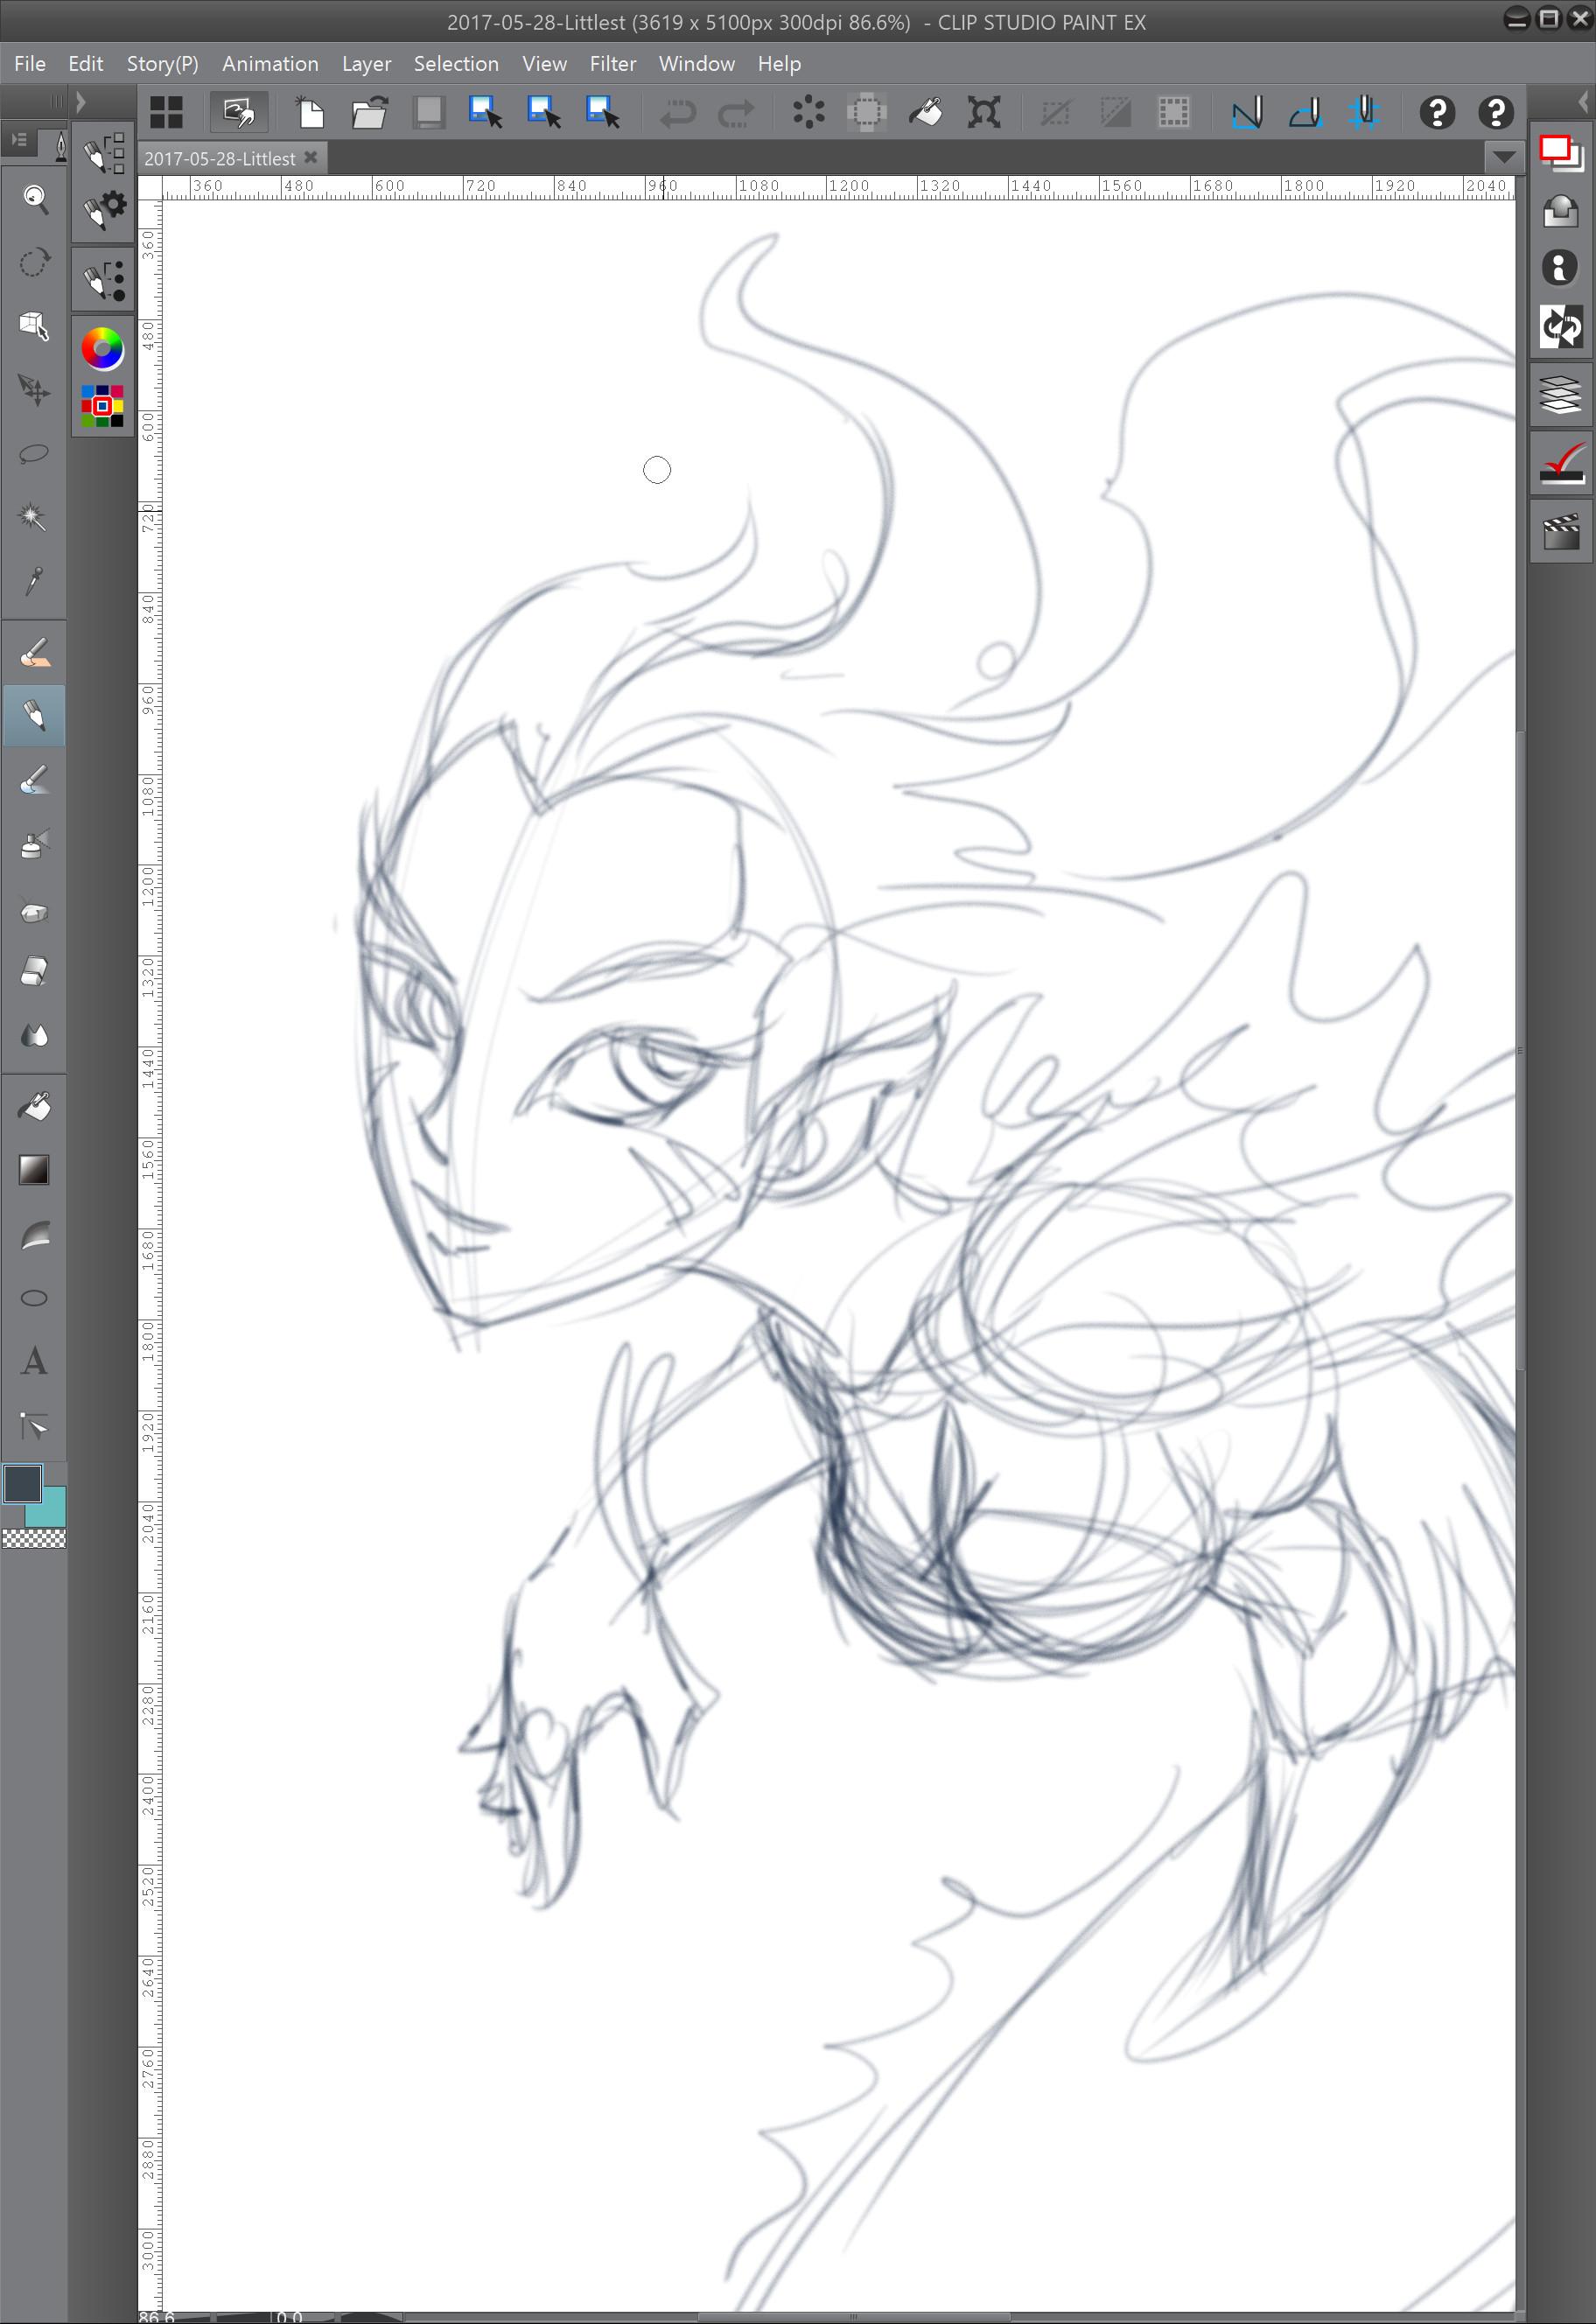 02 - Sketching in details